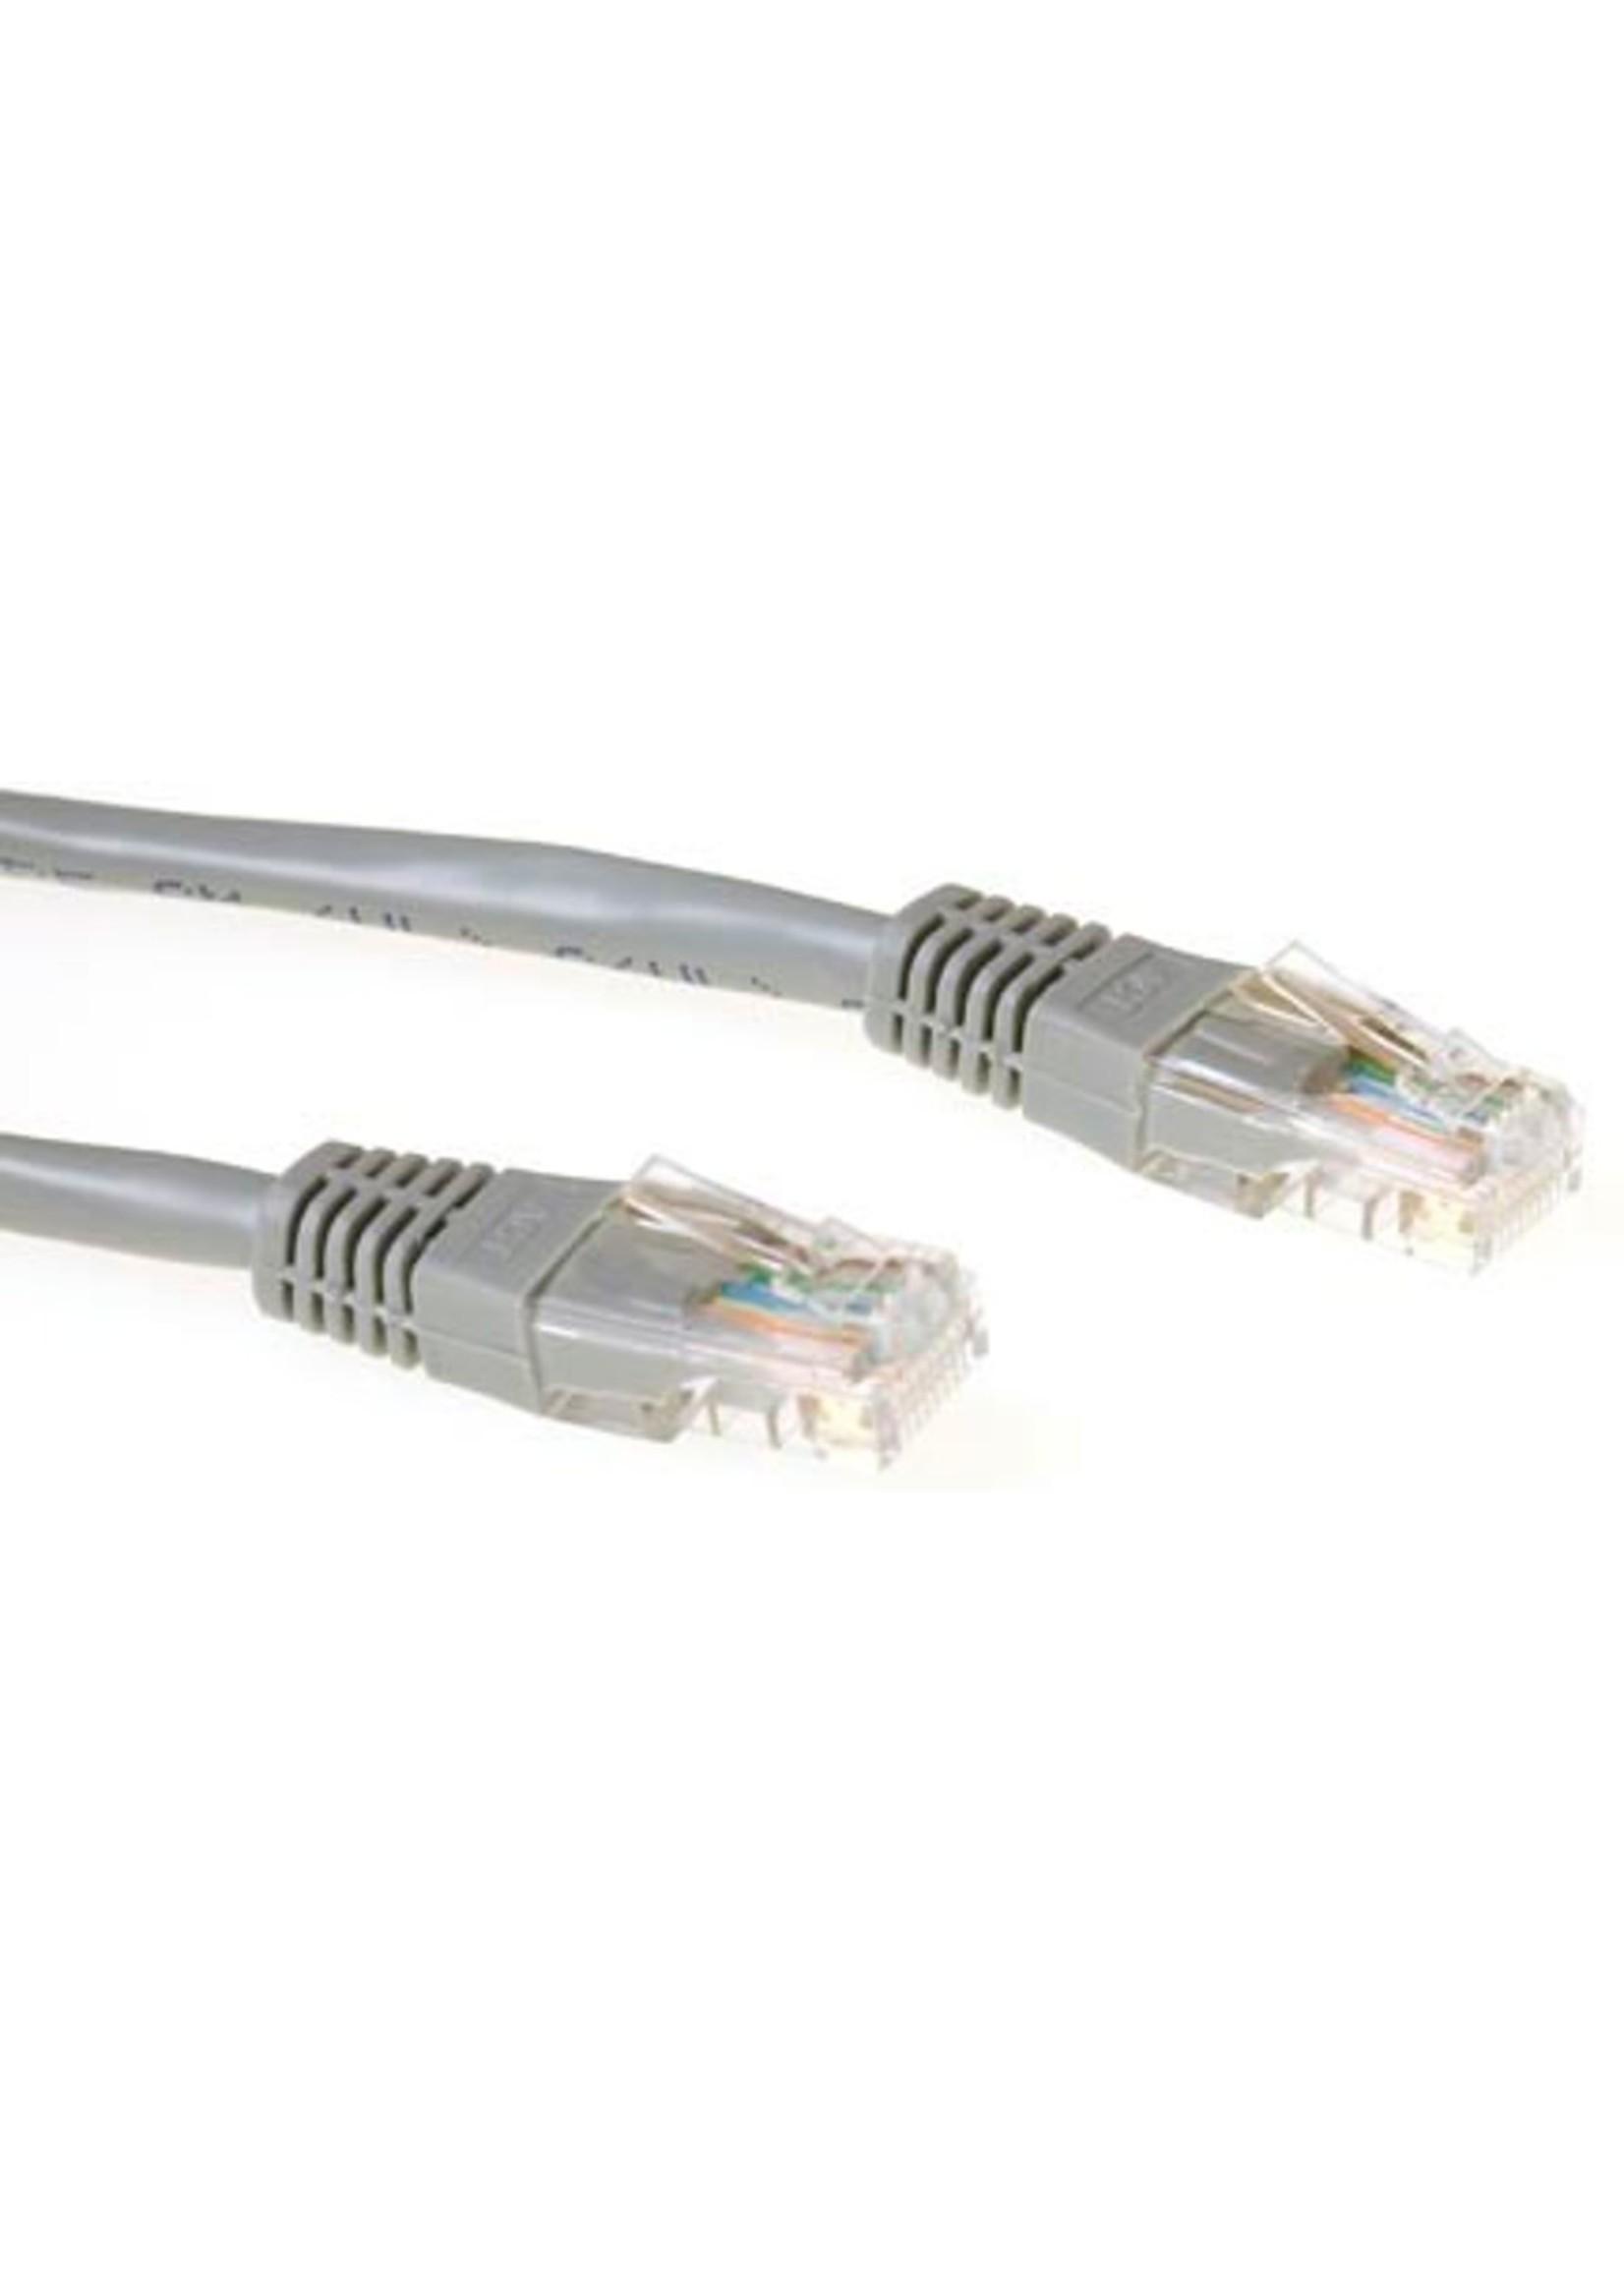 IIGLO Netwerkkabel CAT5E UTP patchcable grijs 1m